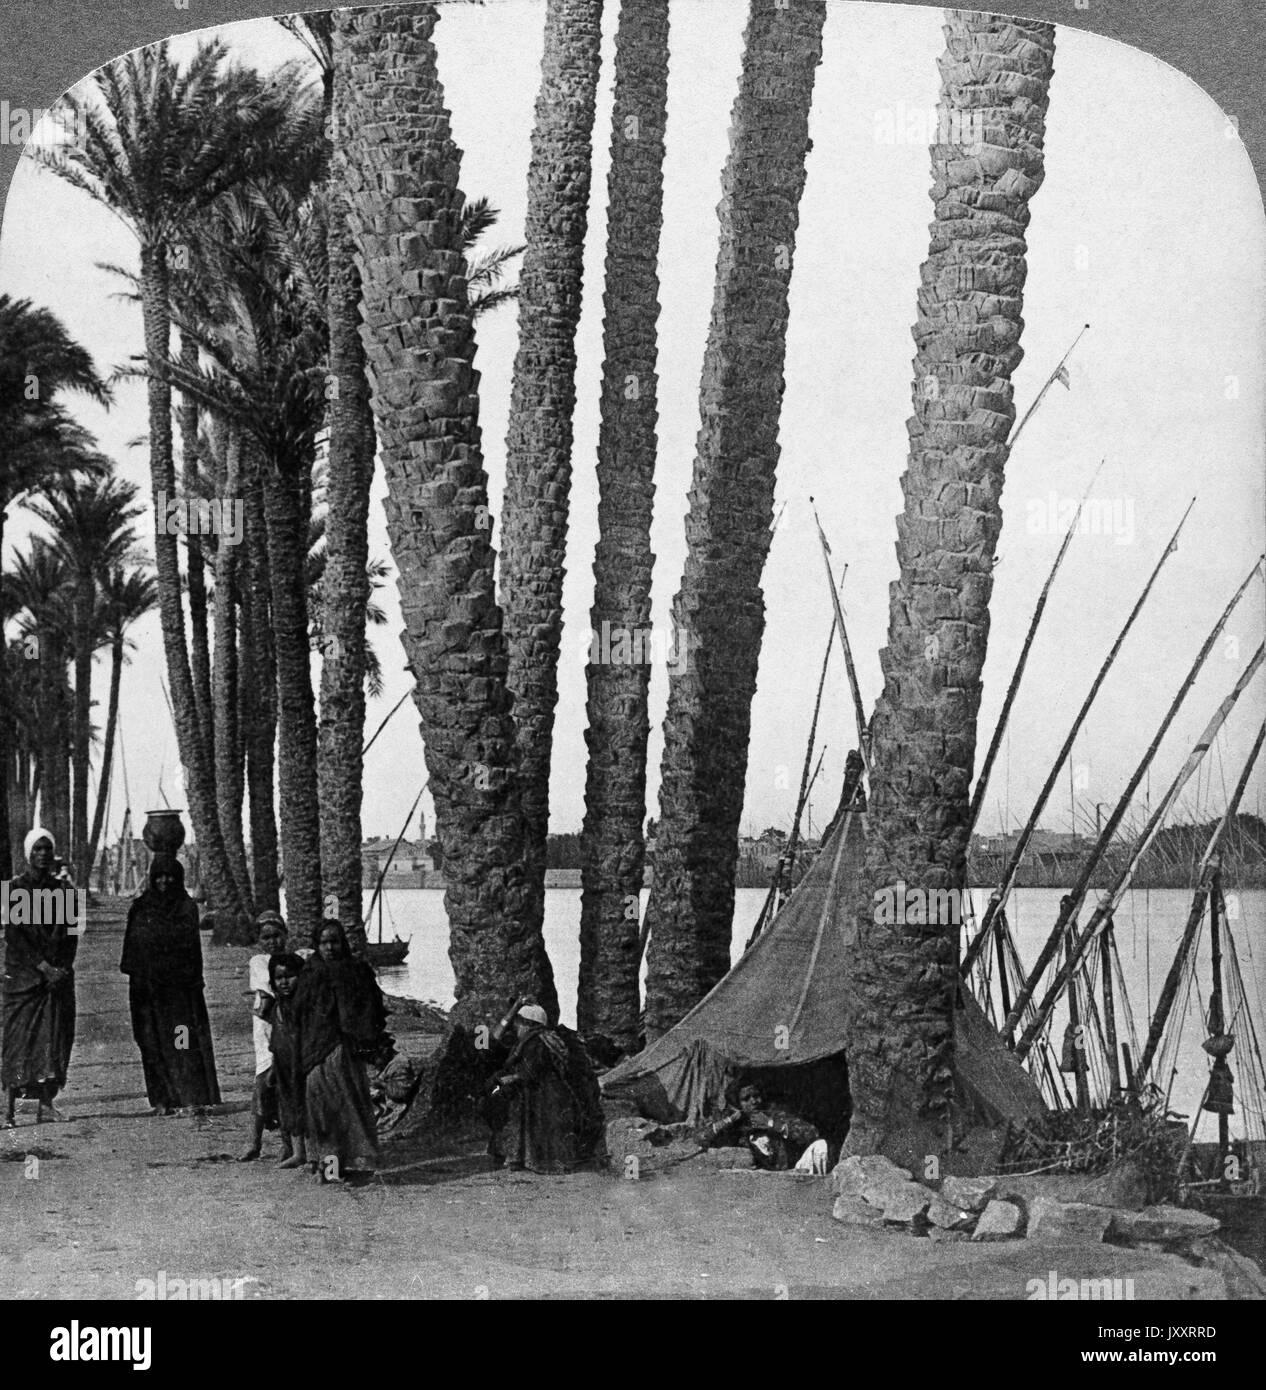 Die von Palmen eingefaßten Ufer des Nils, Ägypten 1896. The palm fringed Nile, Egypt 1896. Stock Photo